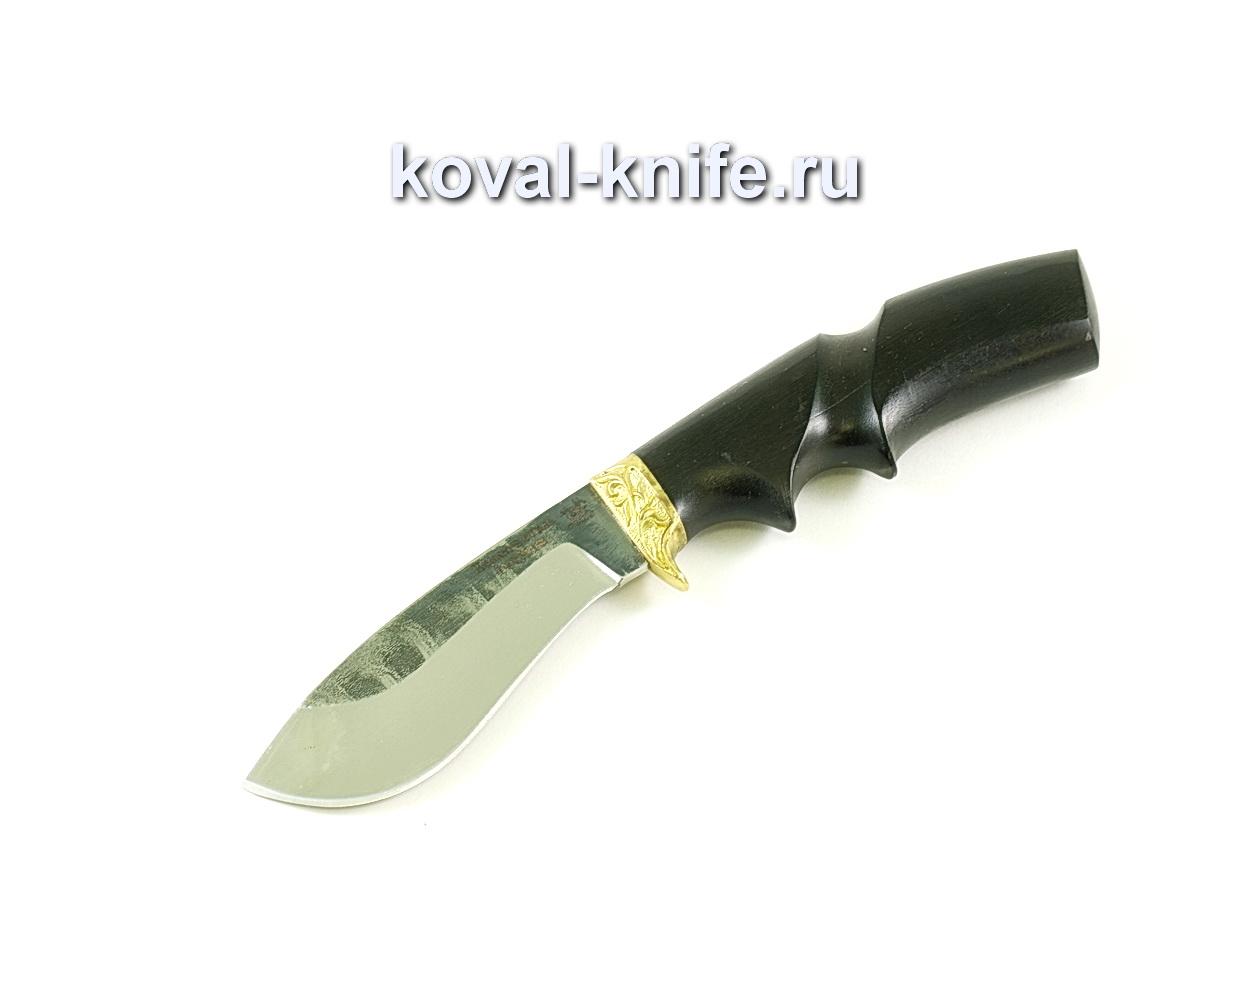 Нож Носорог (сталь 110х18), рукоять граб A037